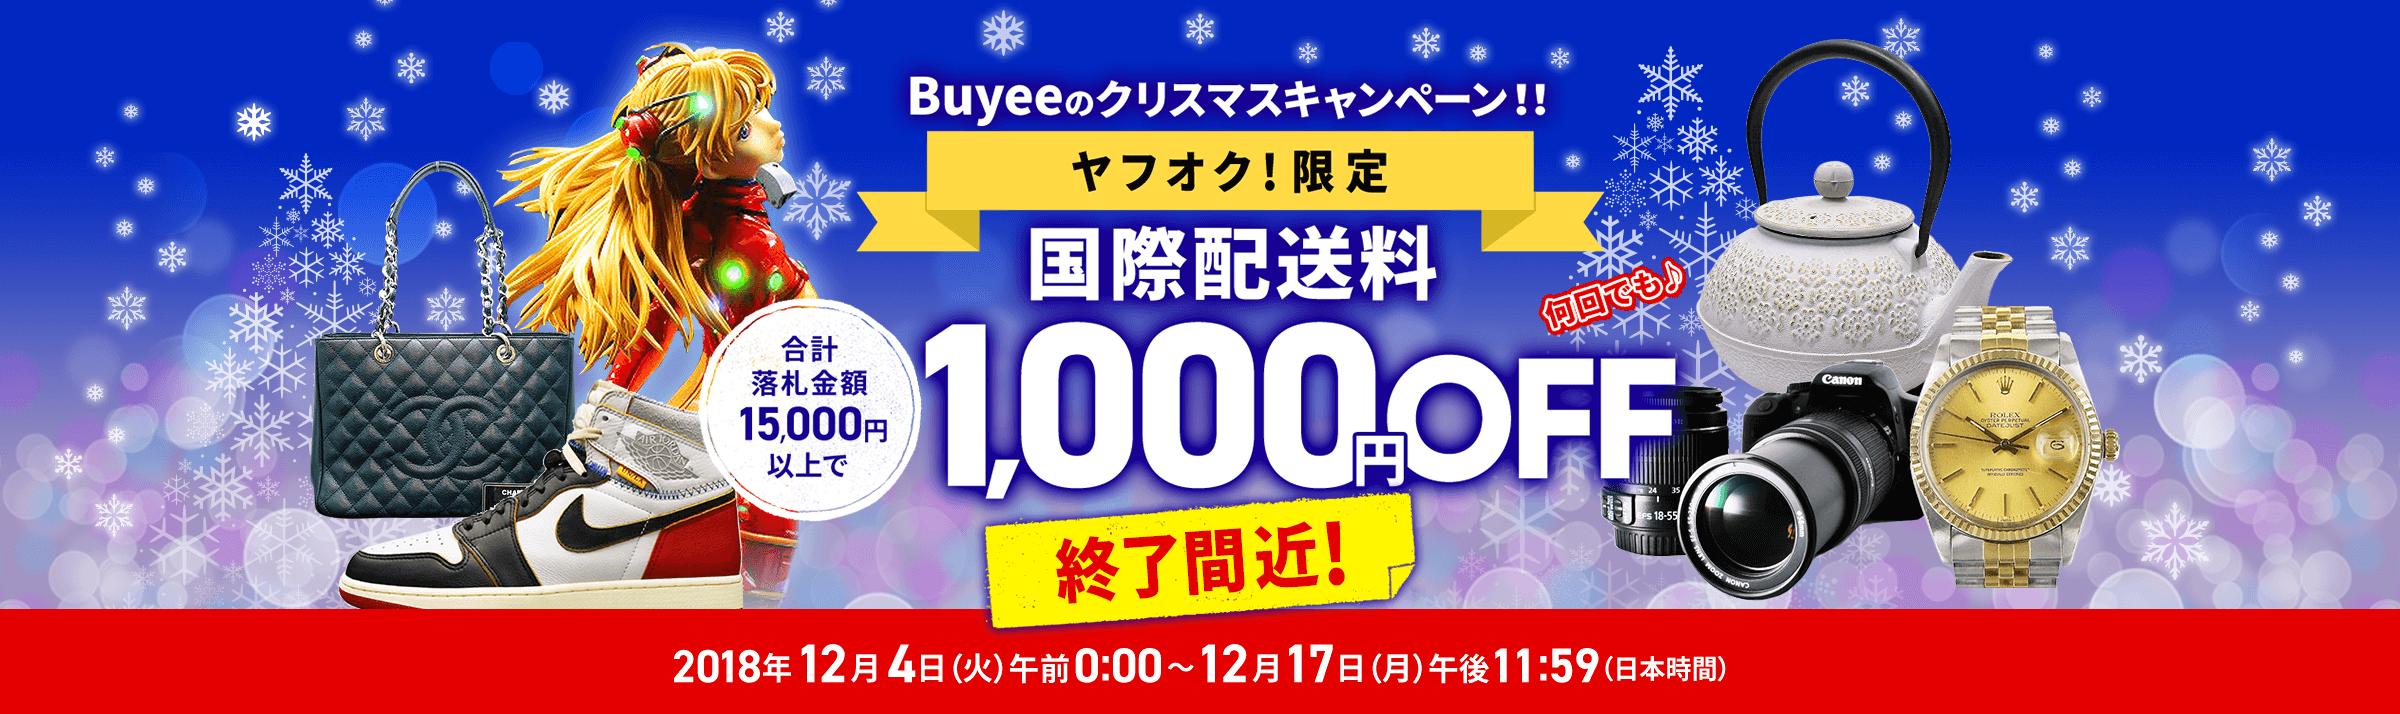 ヤフオク!限定クリスマスキャンペーン!国際配送料1,000円OFF!